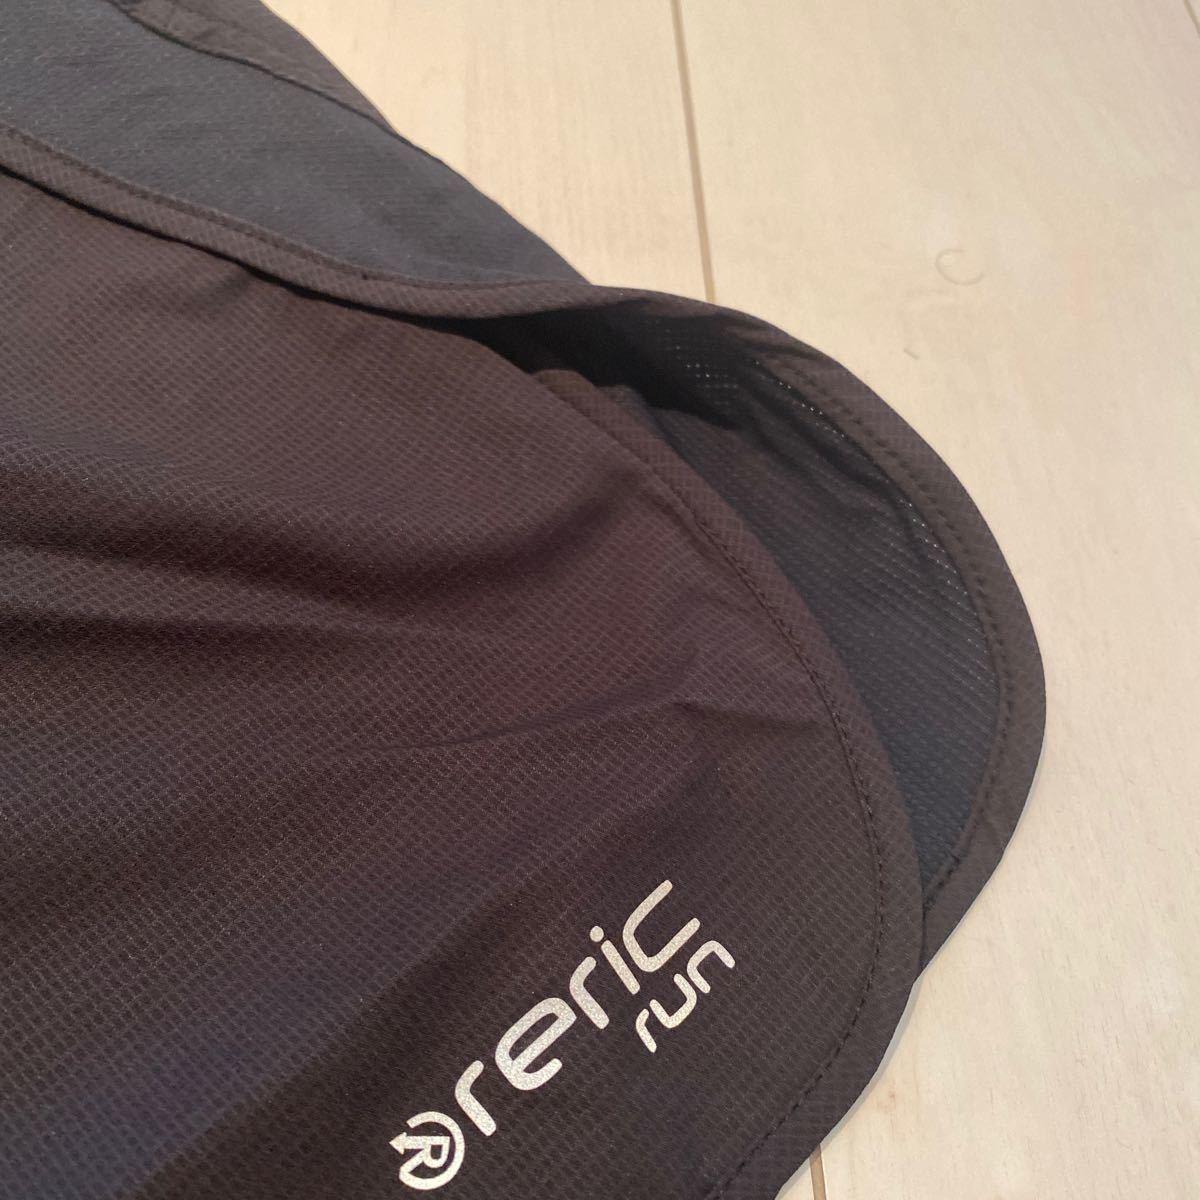 ランニングパンツ インナーパンツ一体型パンツ 新品 レリック reric XL